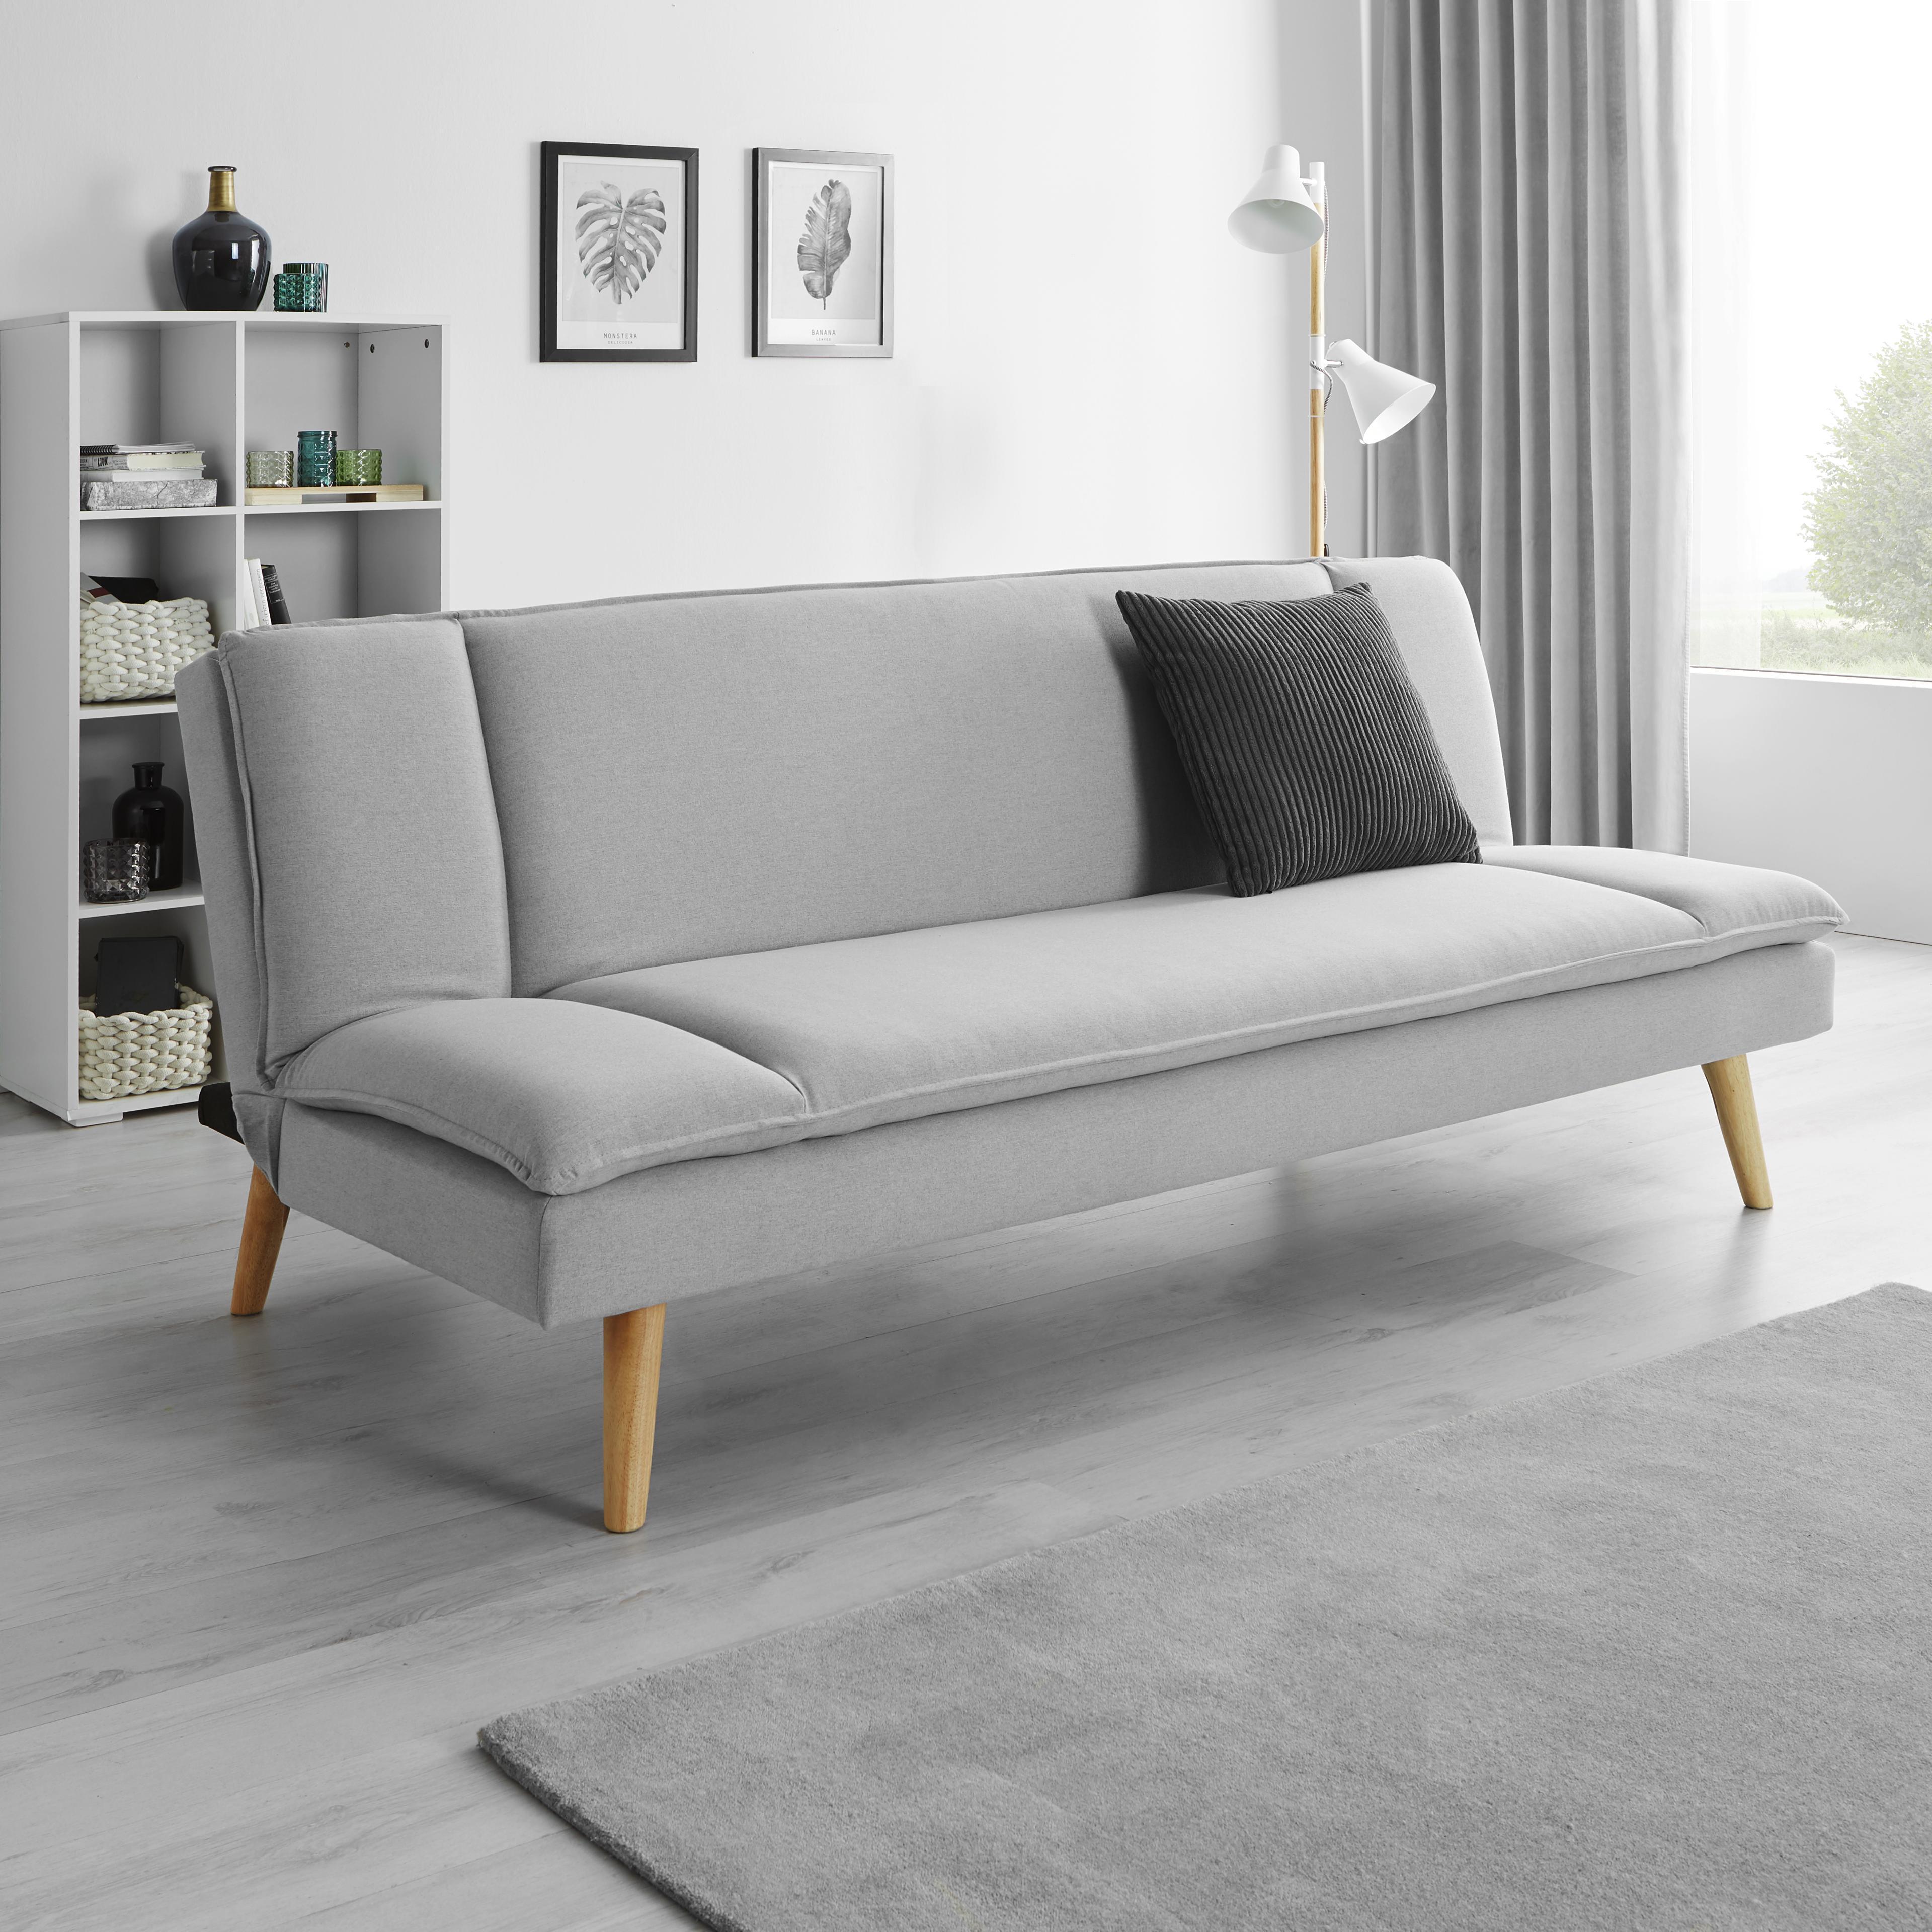 mömax nyíregyháza kanapé